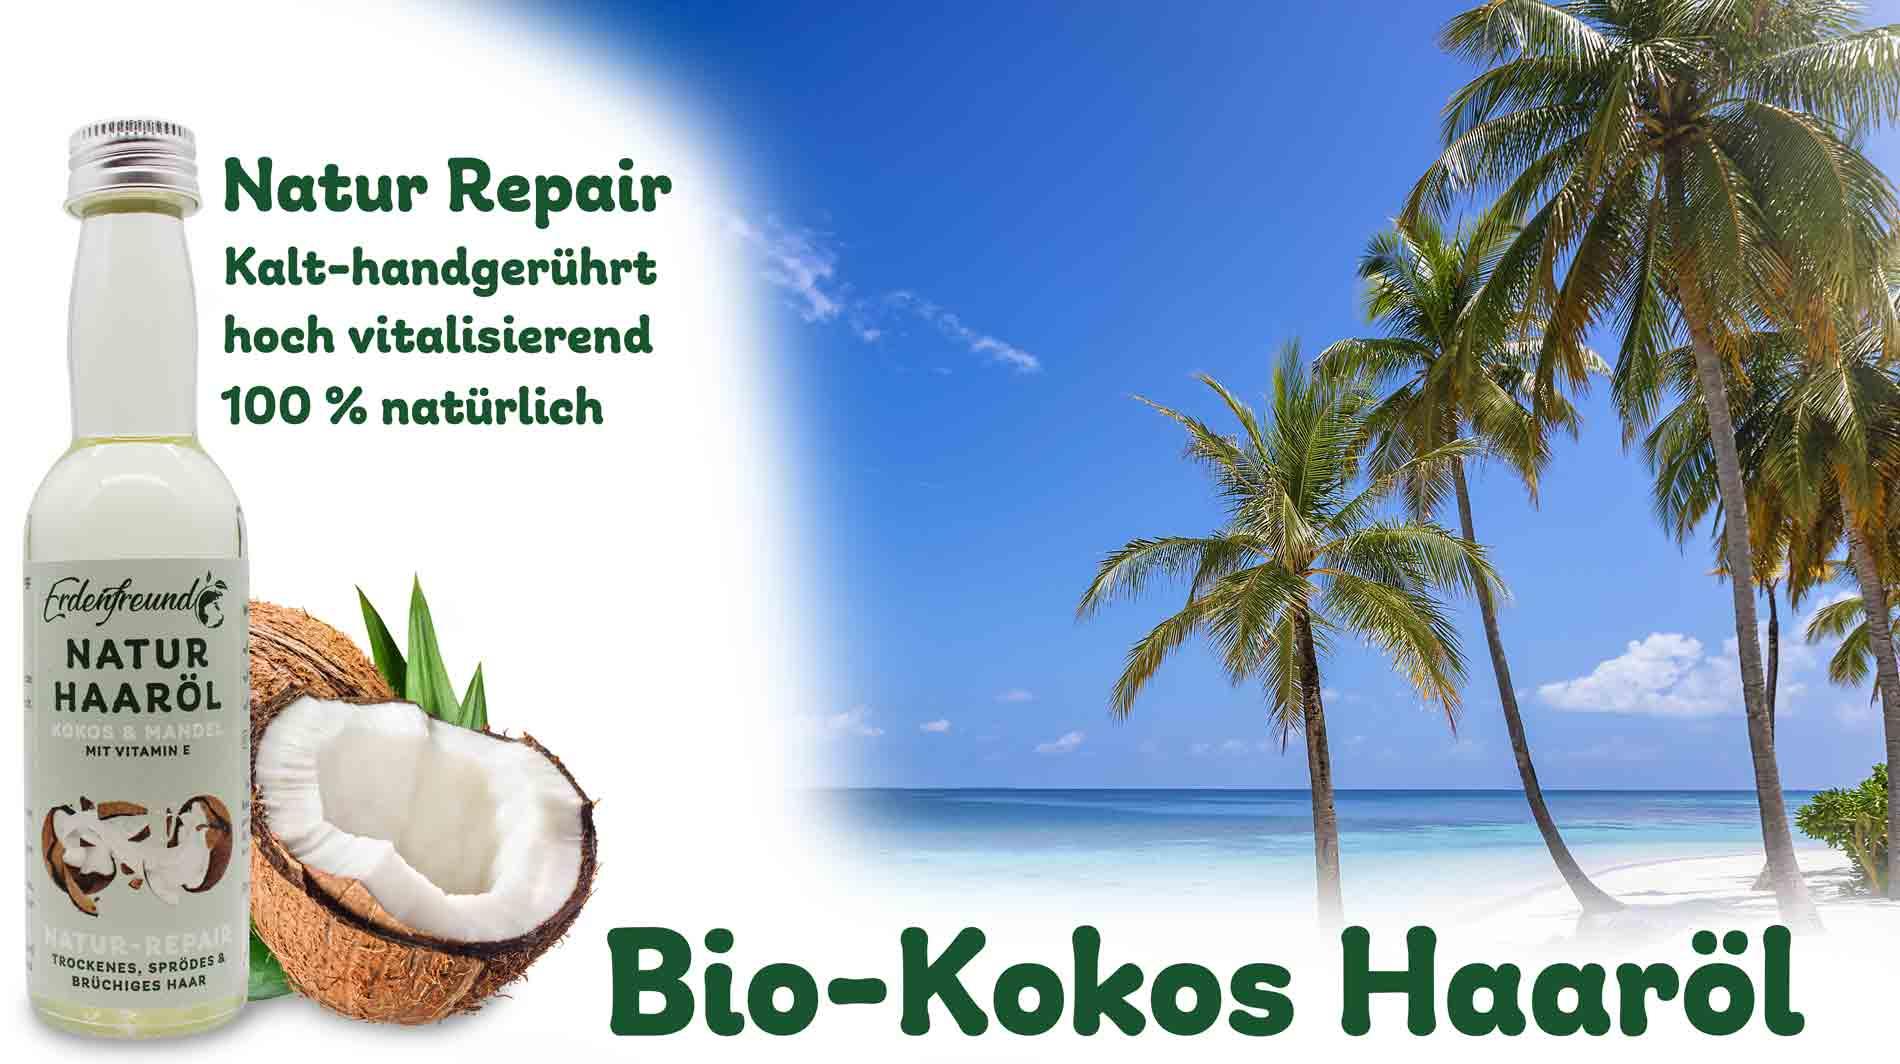 Bio-Kokos Haaröl